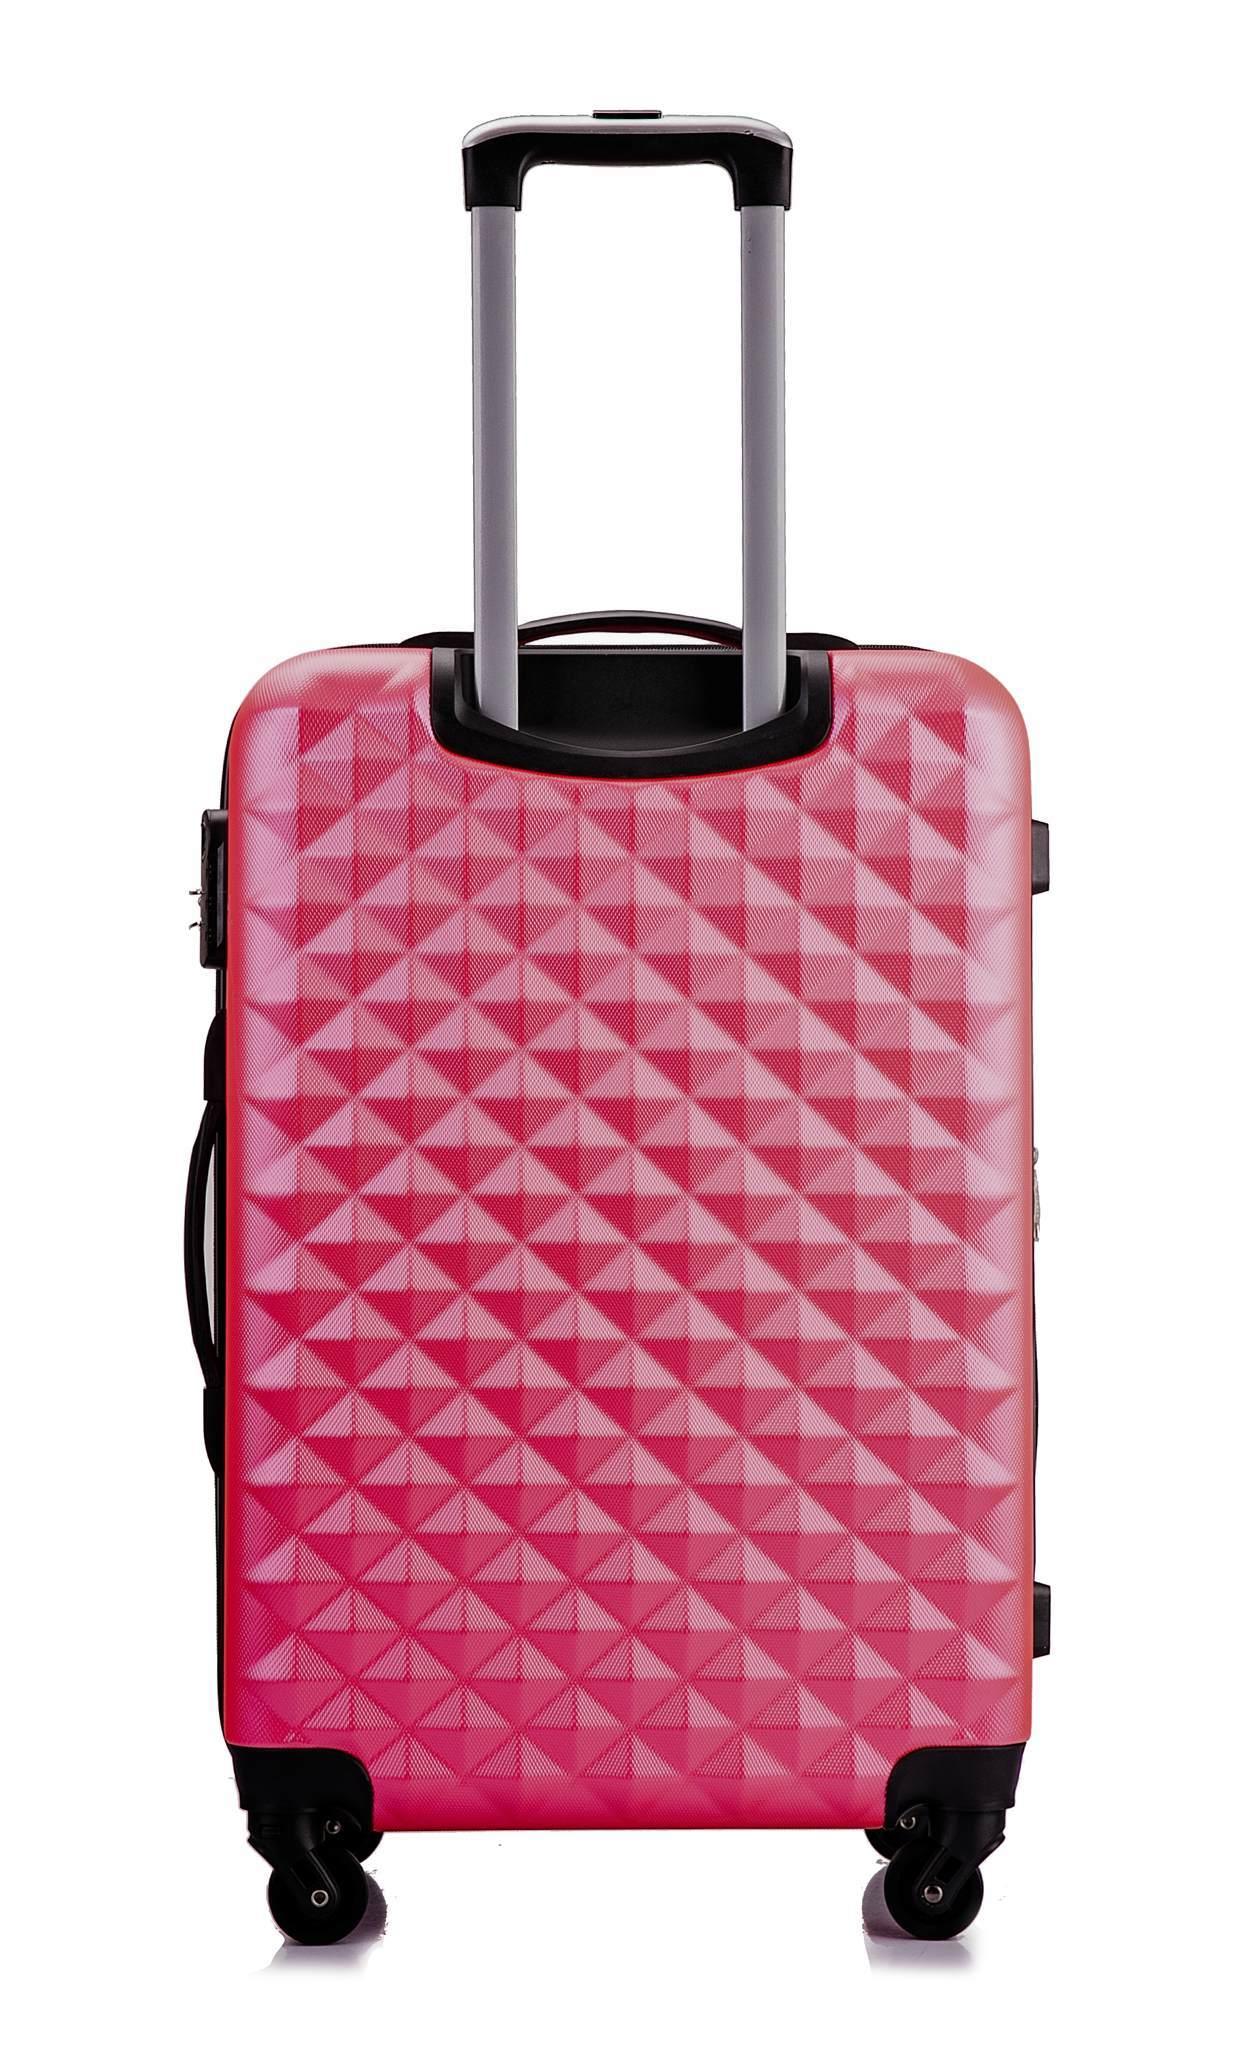 Чемодан с расширением L'case Phatthaya-28 Розовый (XL)